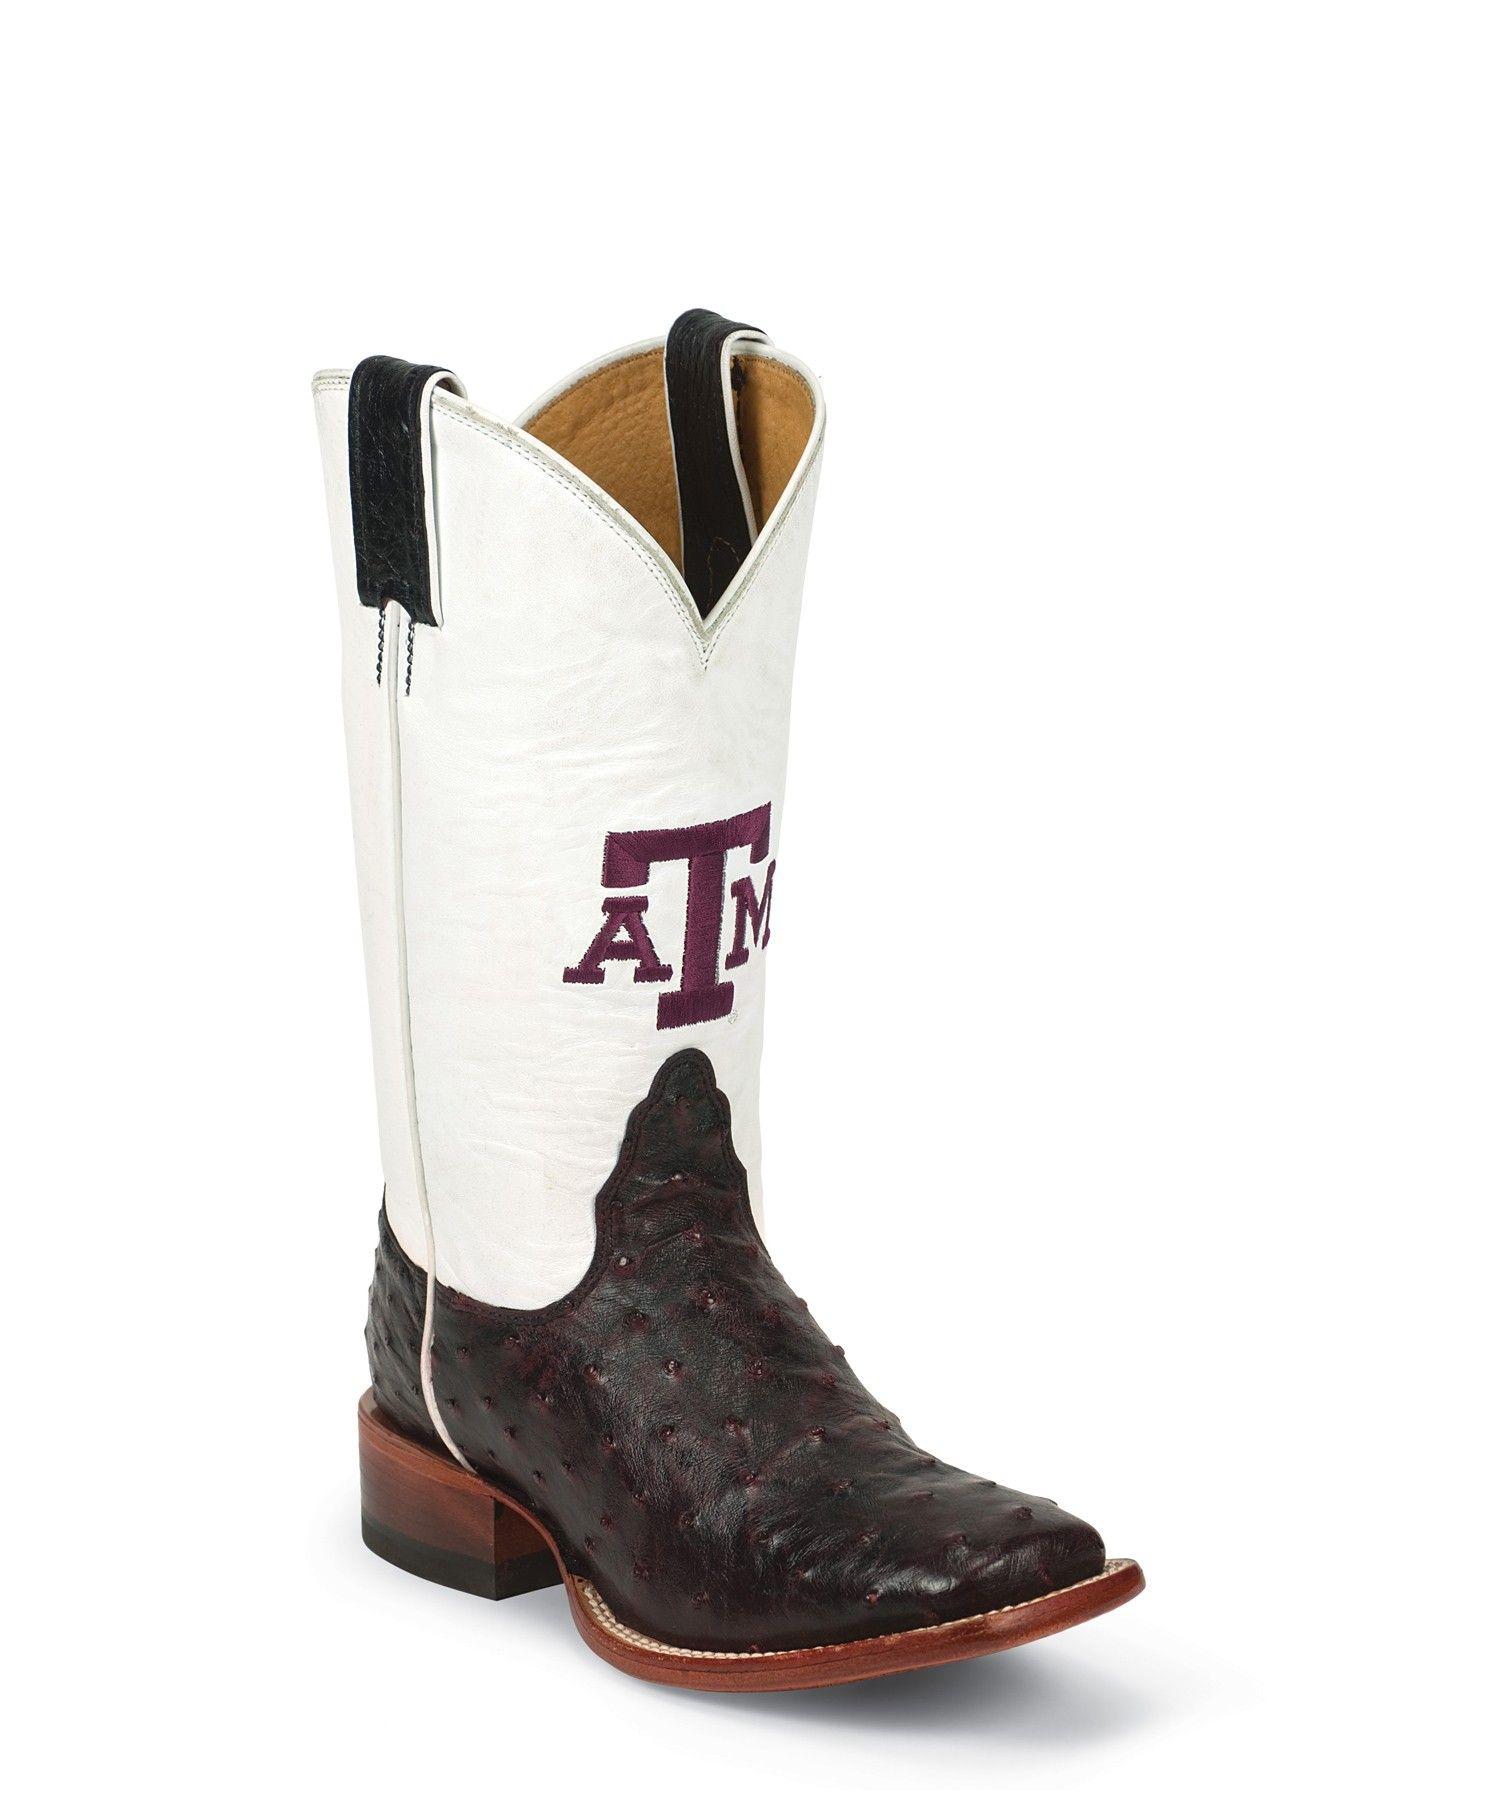 36de0e31542 Nocona Men's Collegiate Texas A&M - Black Cherry Full Quill Ostrich ...